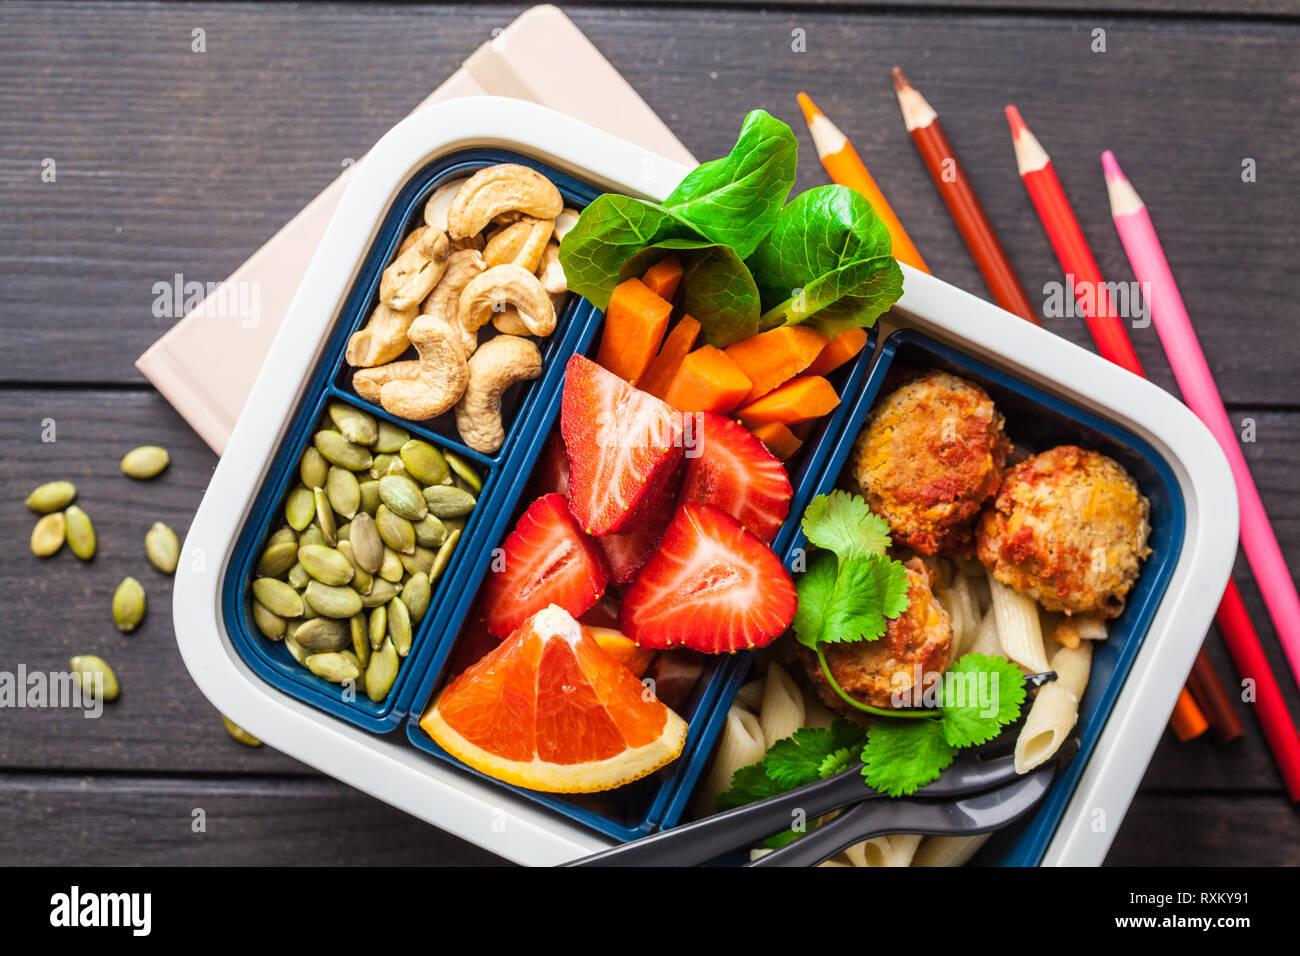 7c6eff923c0f0 Lunchbox für die Schule. Gesunde Mahlzeit prep Container mit Bohnen  Frikadellen